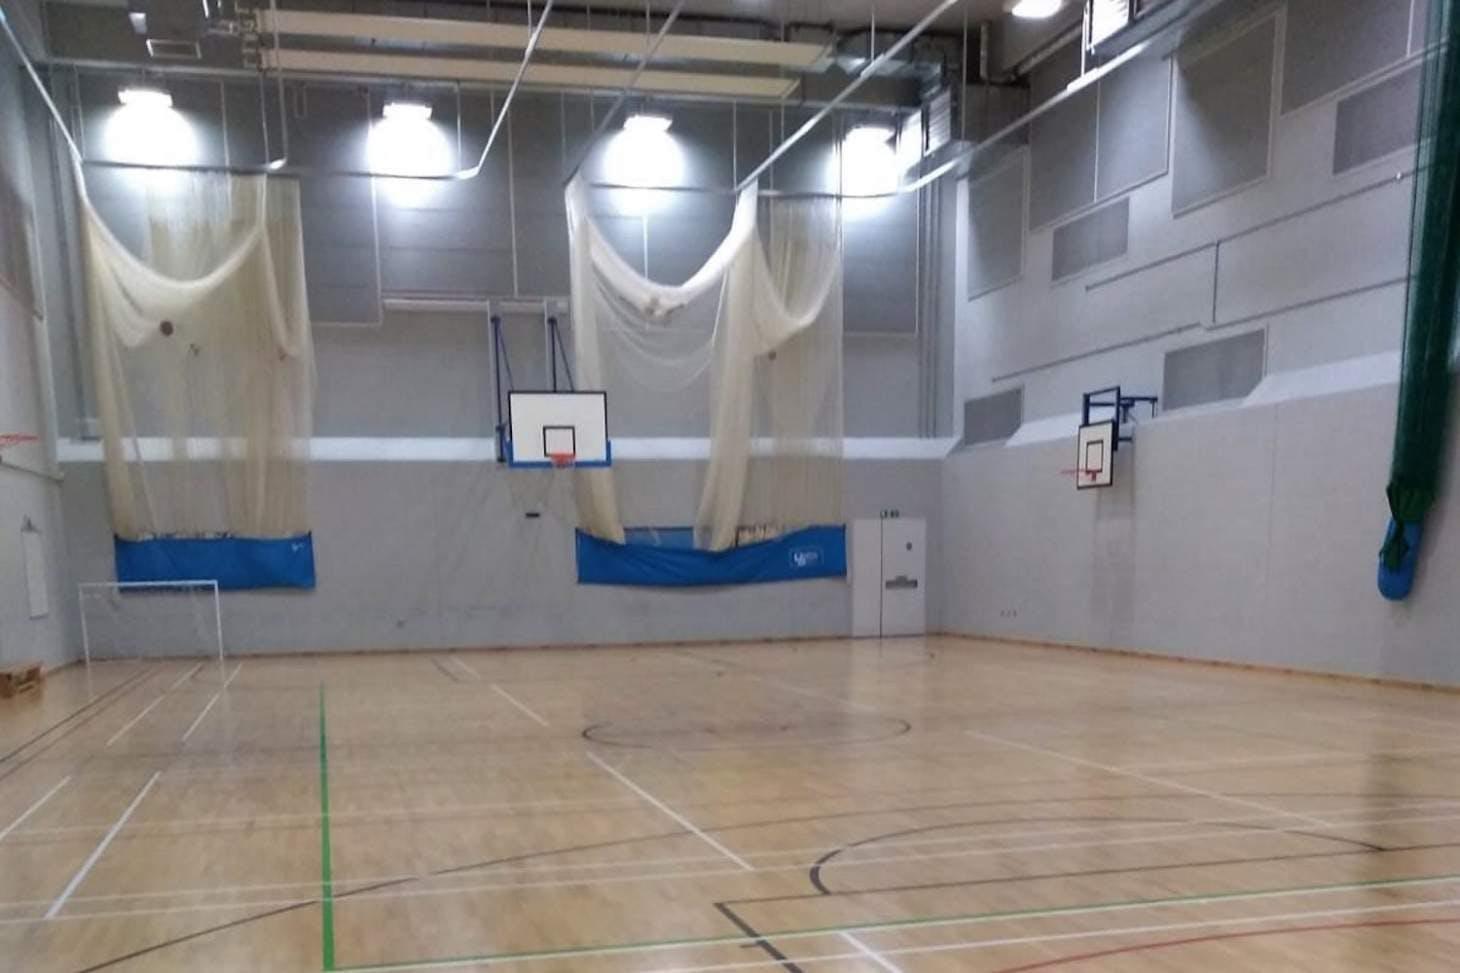 Kensington Aldridge Academy Indoor | Hard badminton court